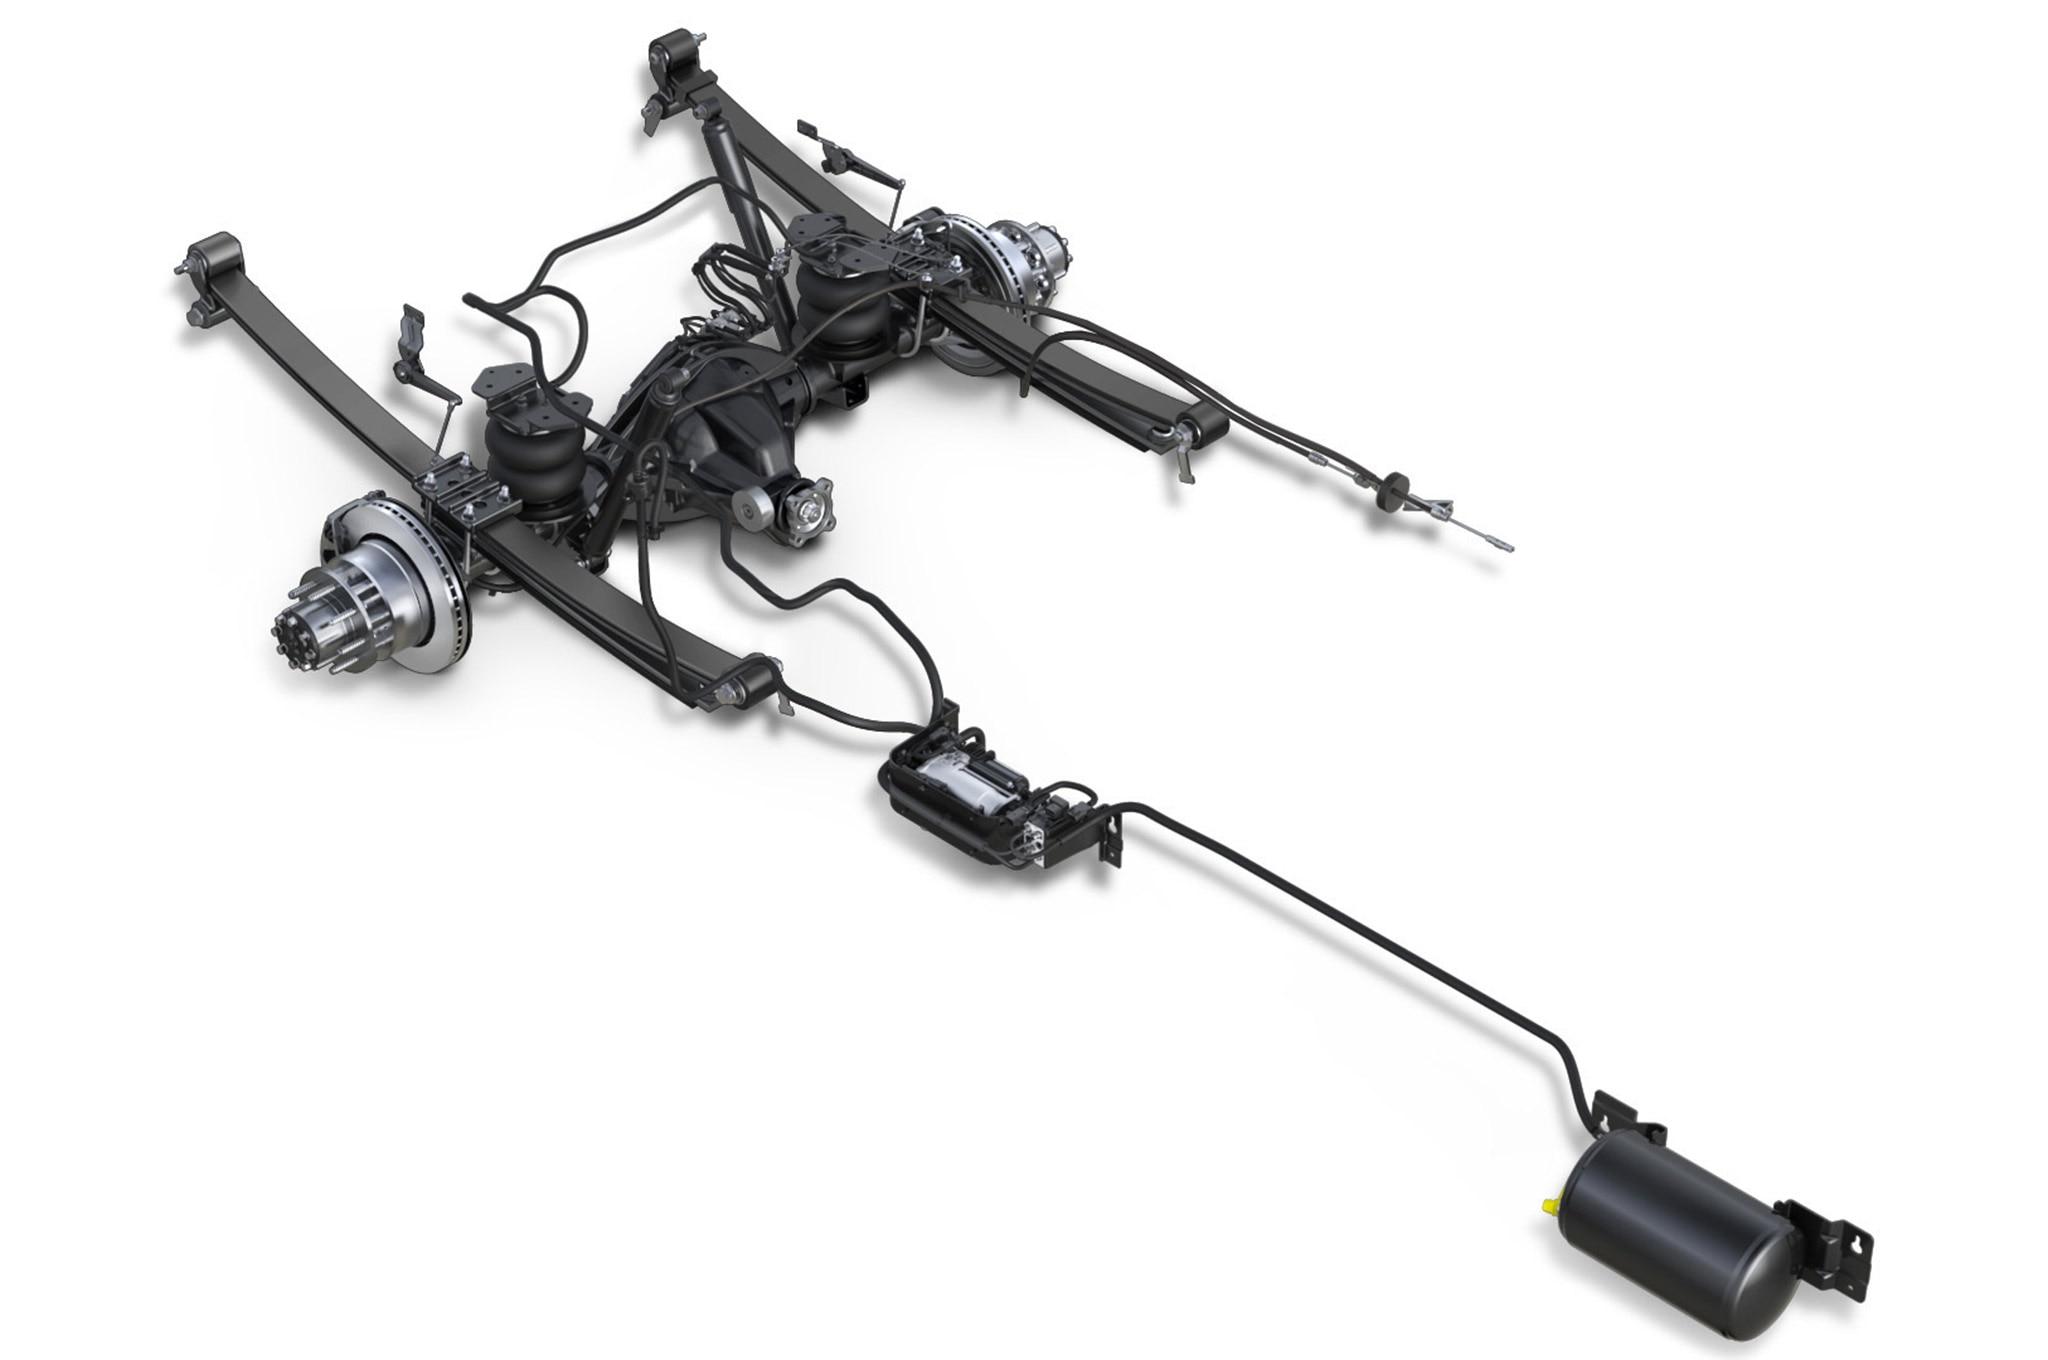 ram 3500 air suspension on trailer air suspension dump valve diagram  peterbilt dump valve wiring diagram